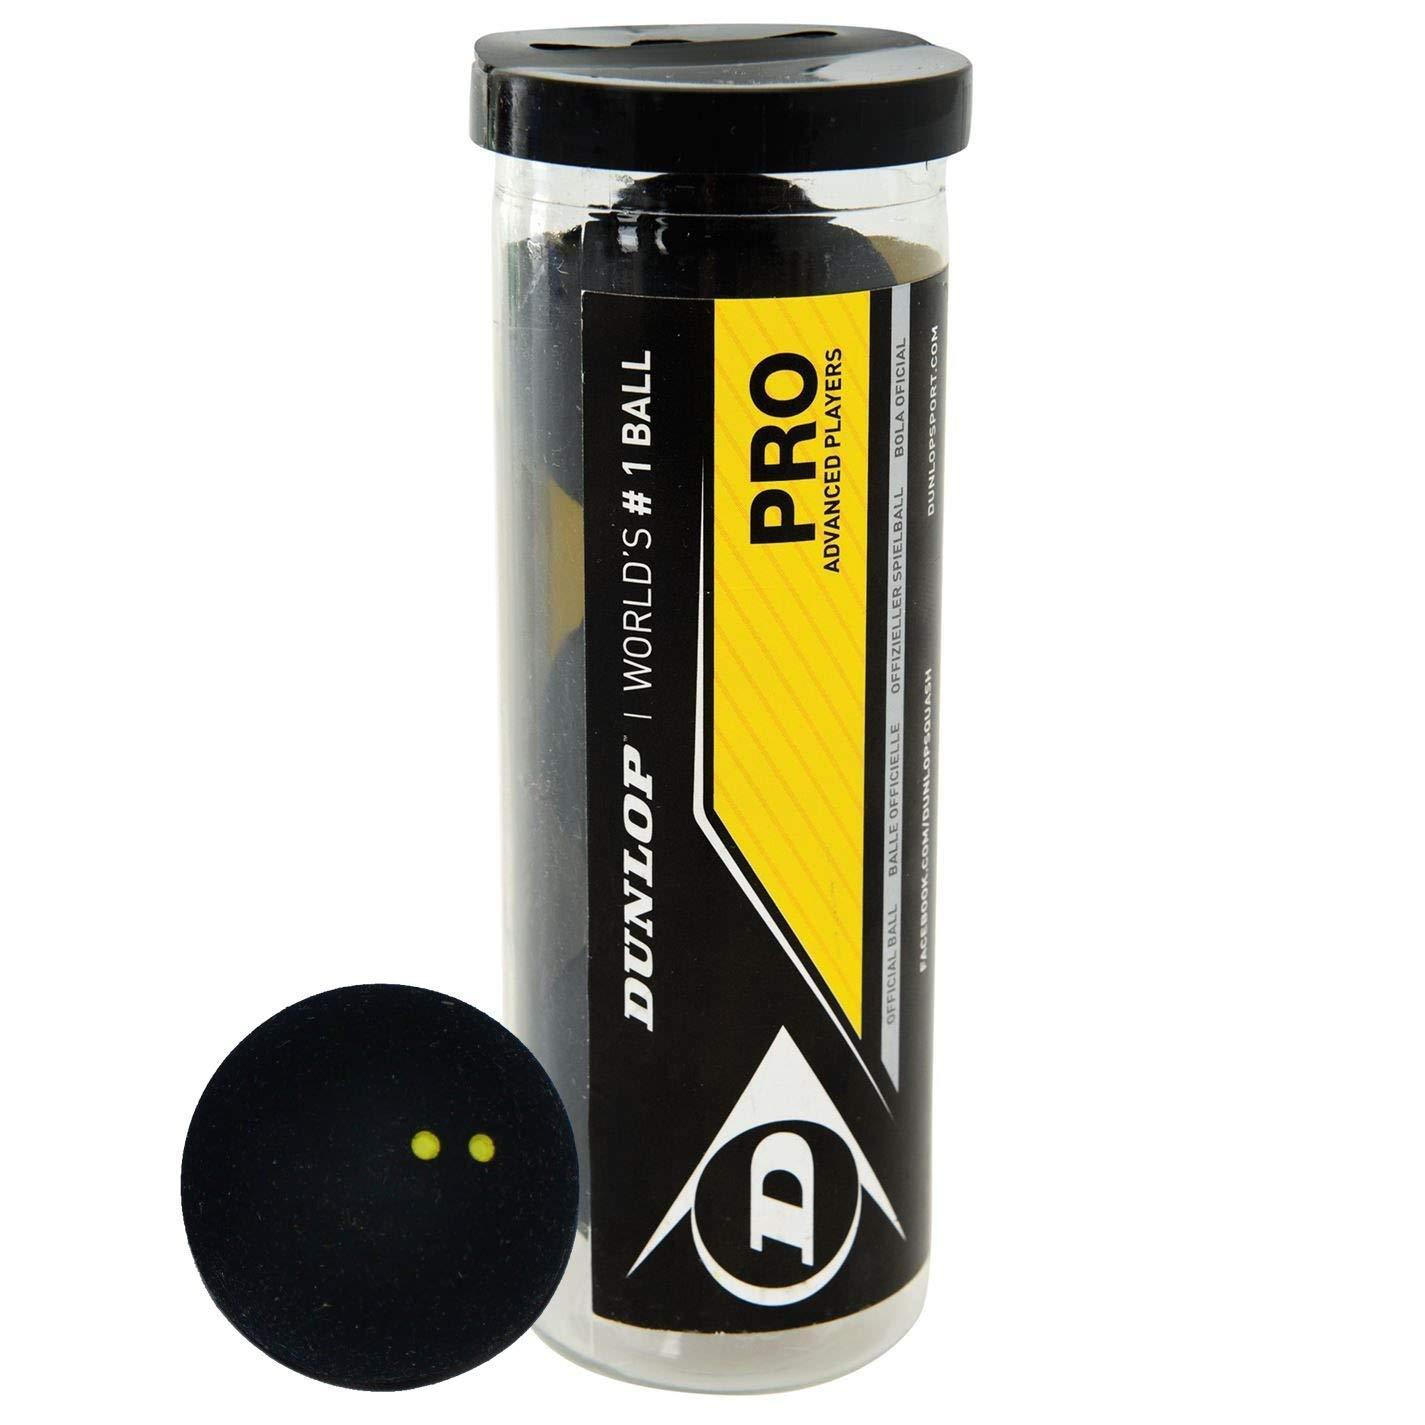 Dunlop Pro Lot de 3 balles de squash